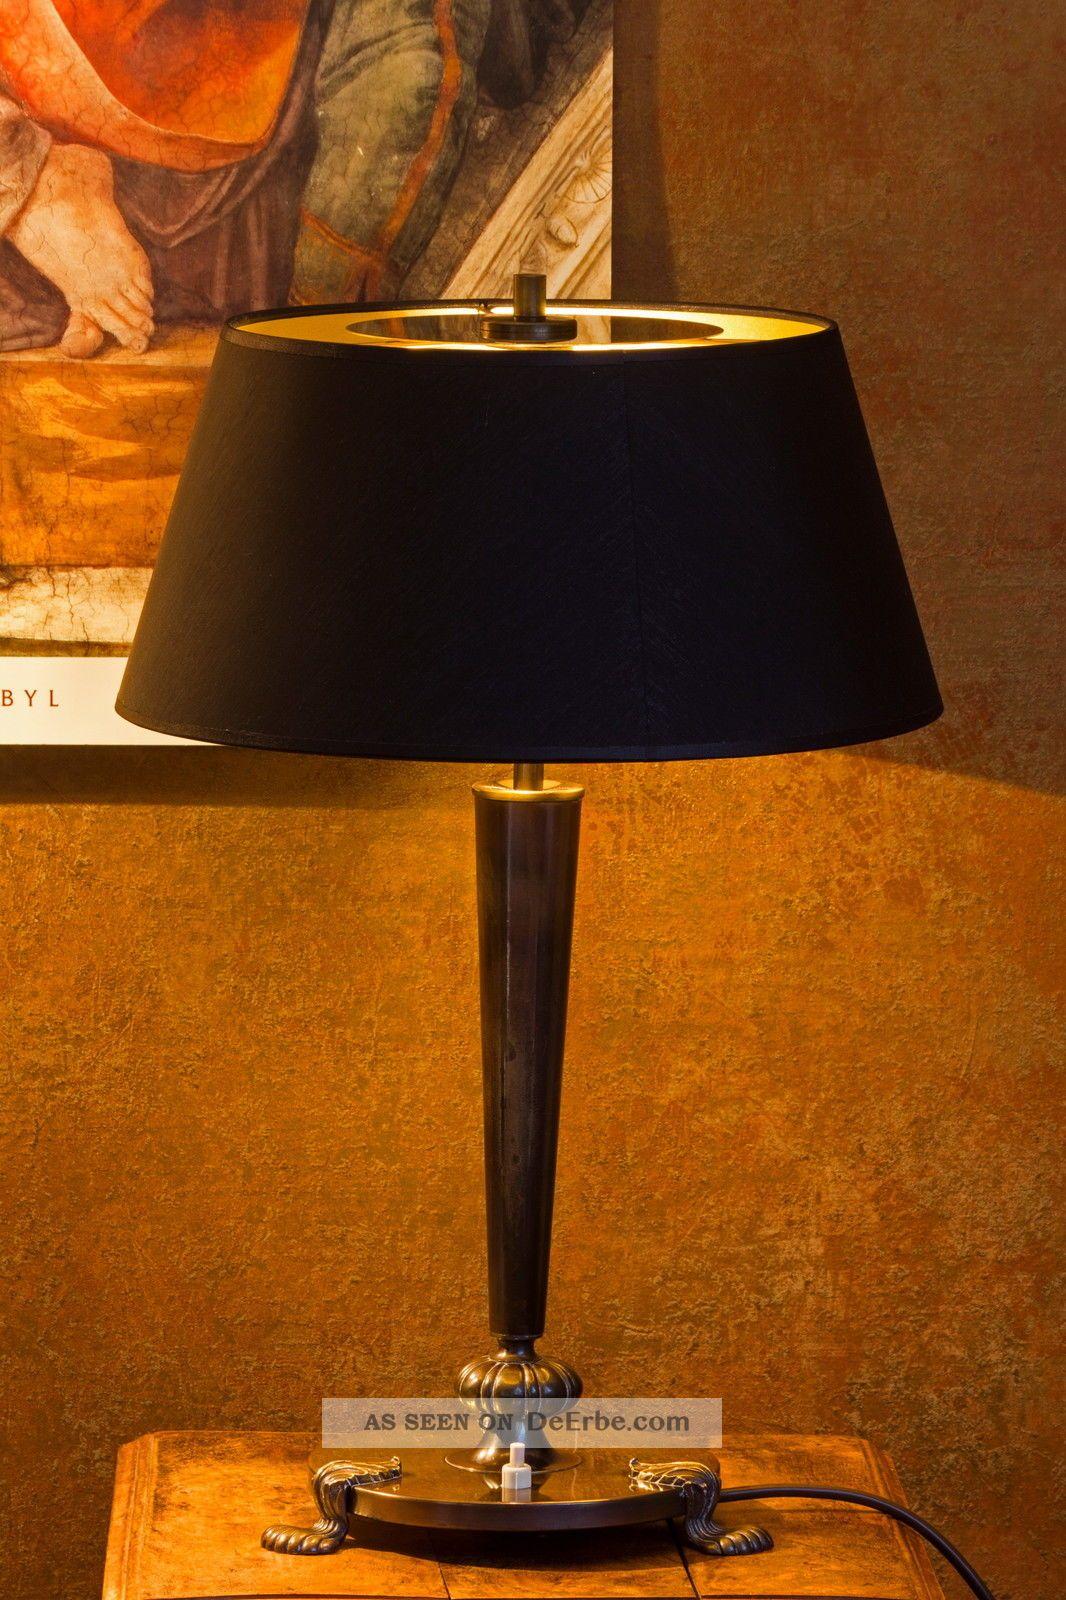 bronze lampe tischlampe stilisierte tatzenf e schwarzer. Black Bedroom Furniture Sets. Home Design Ideas